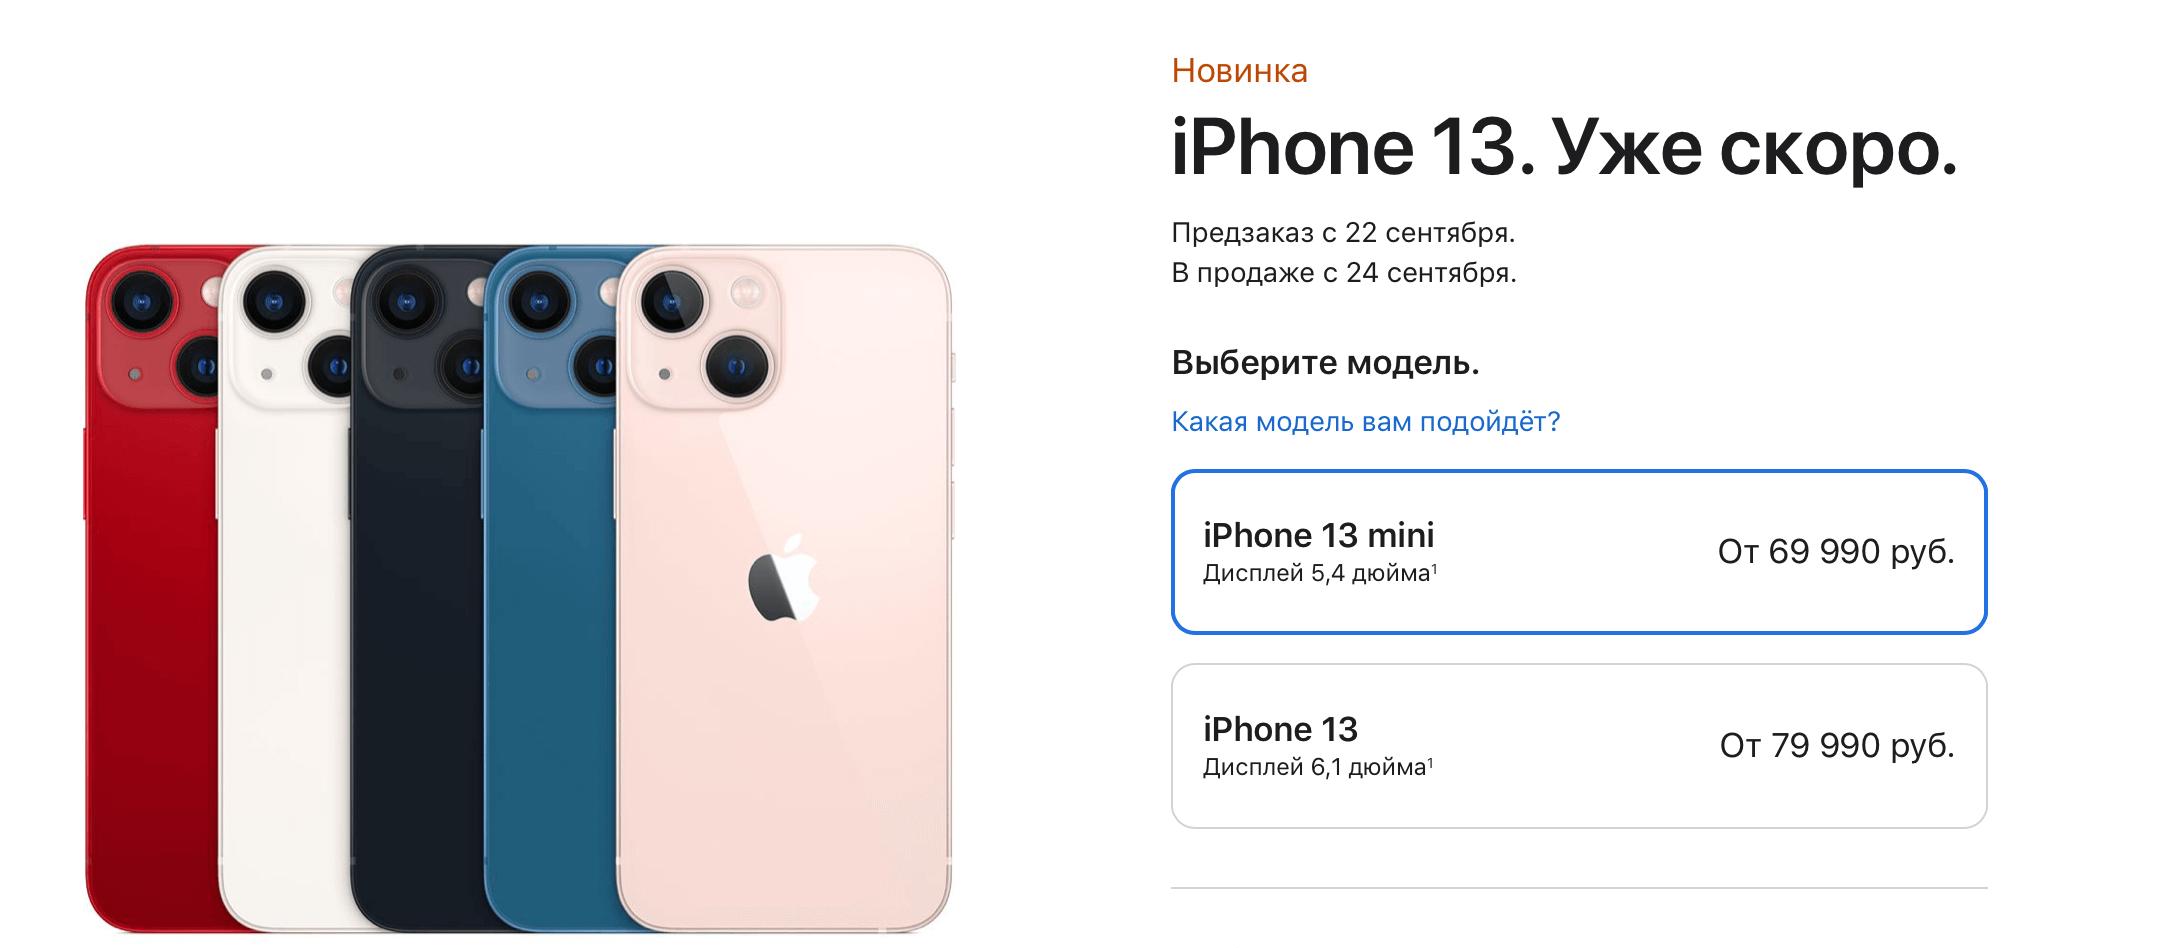 Сколько стоят новые iPhone 13 в России